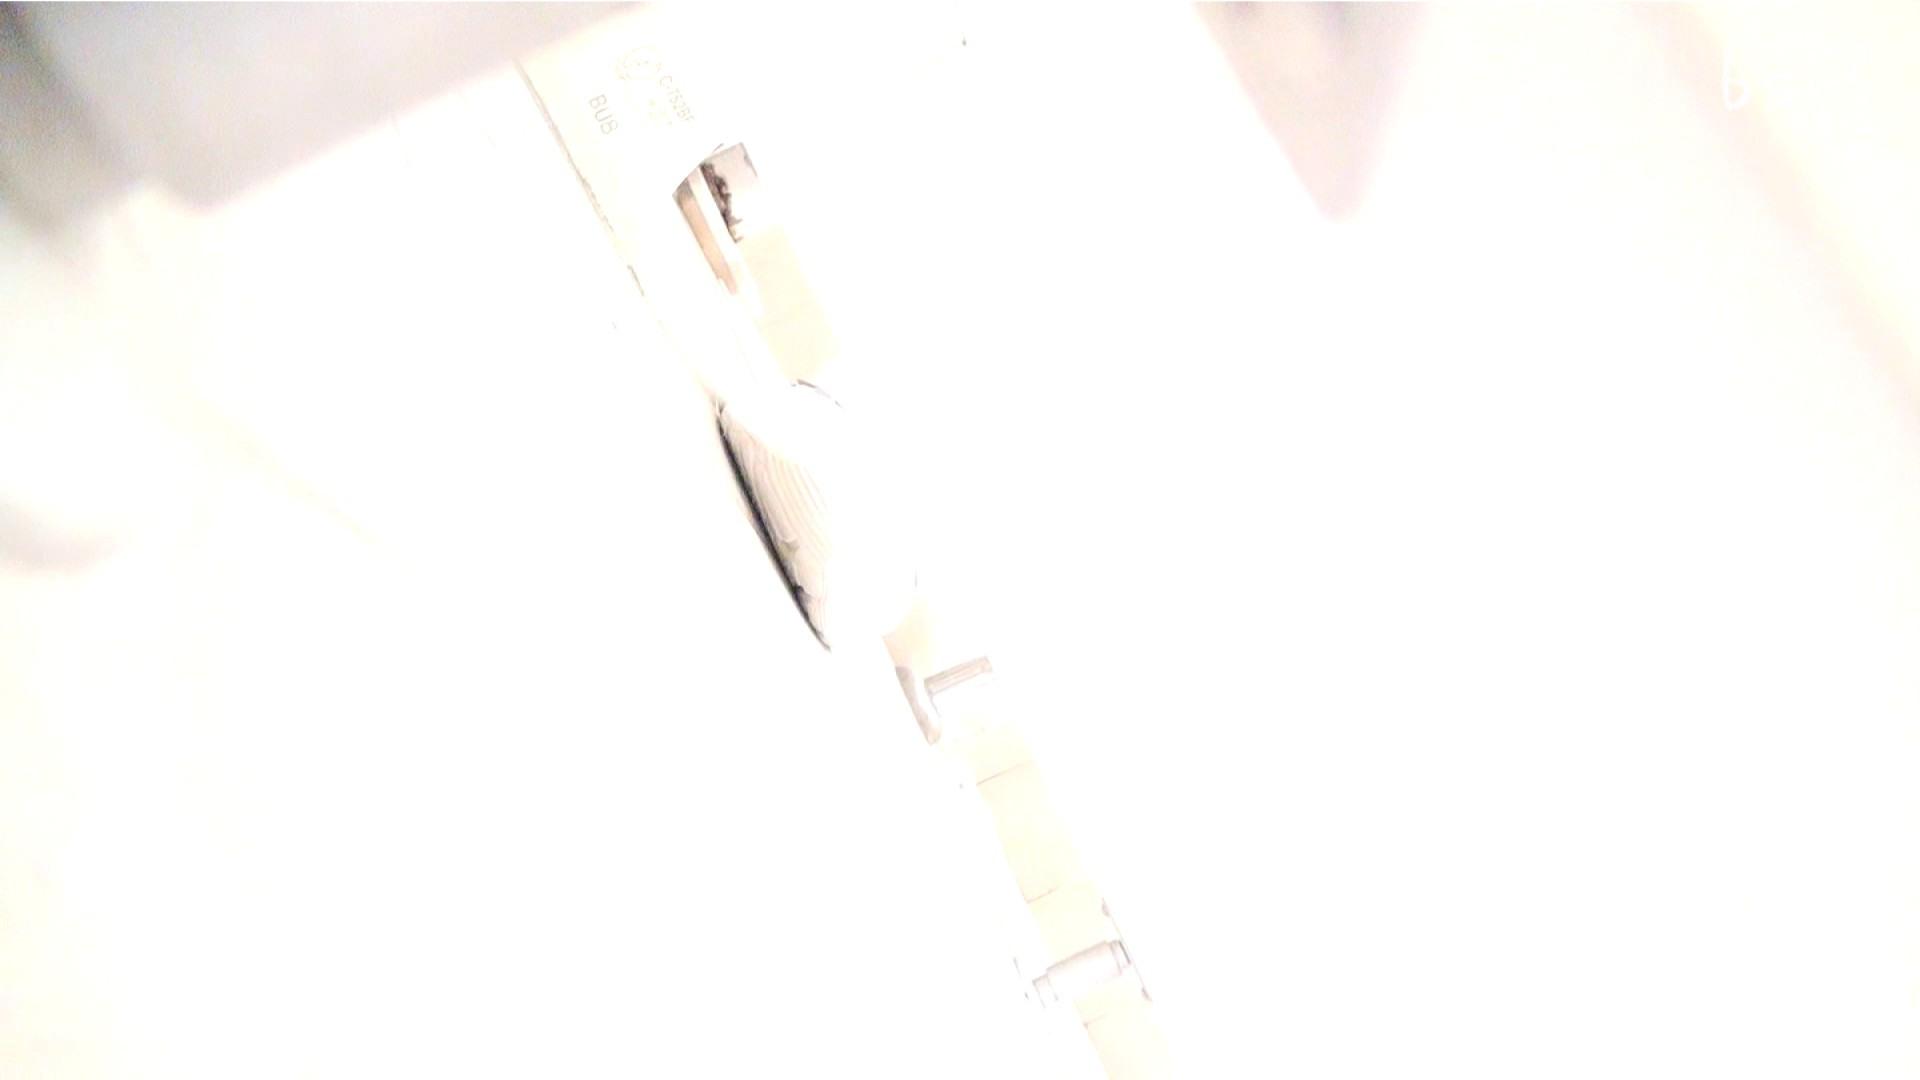 至高下半身盗撮-PREMIUM-【院内病棟編 】 vol.03 美女OL すけべAV動画紹介 98連発 46